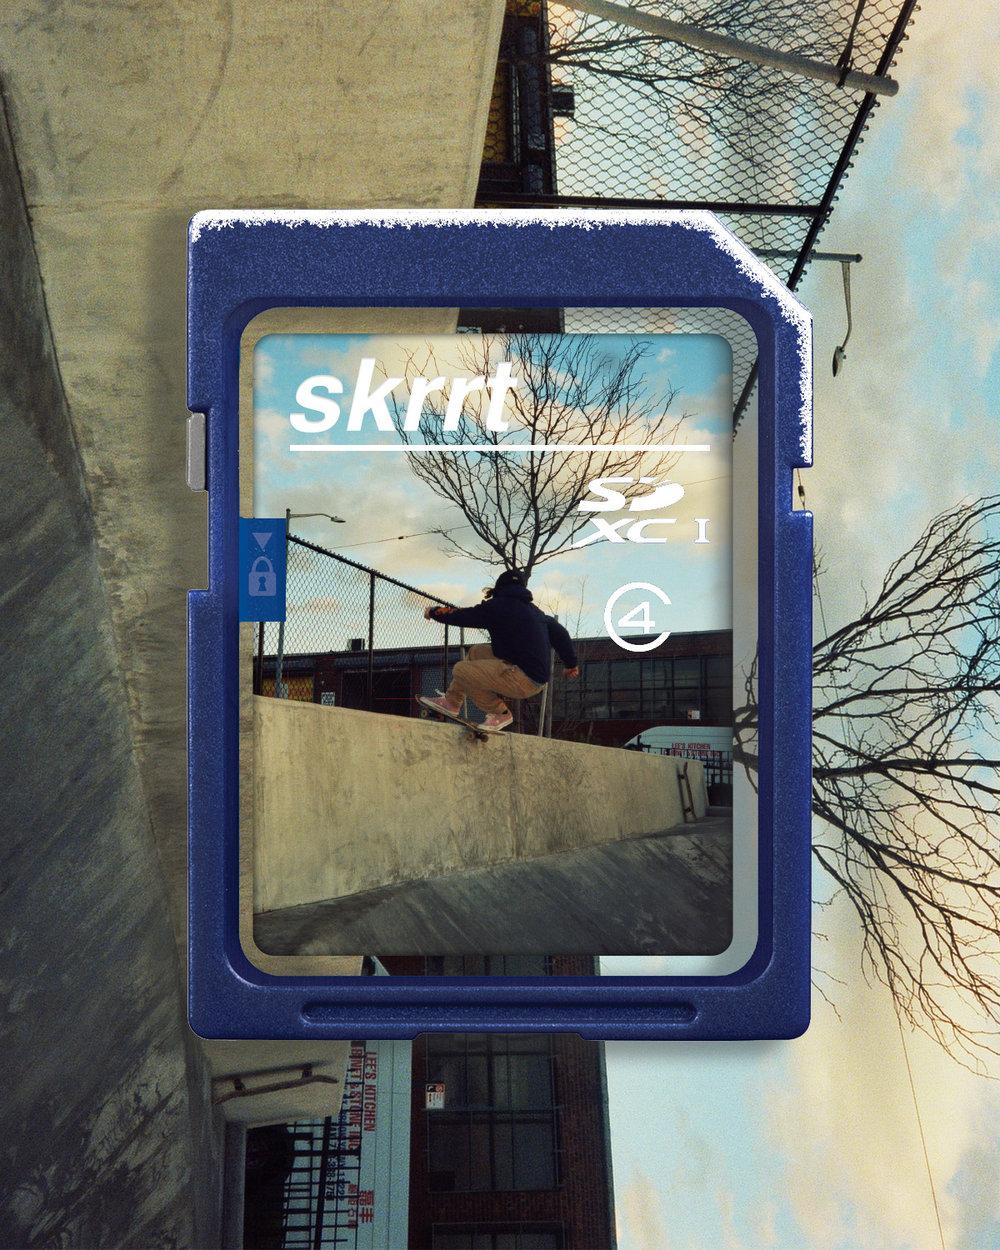 Skrrt 4 cover.jpg